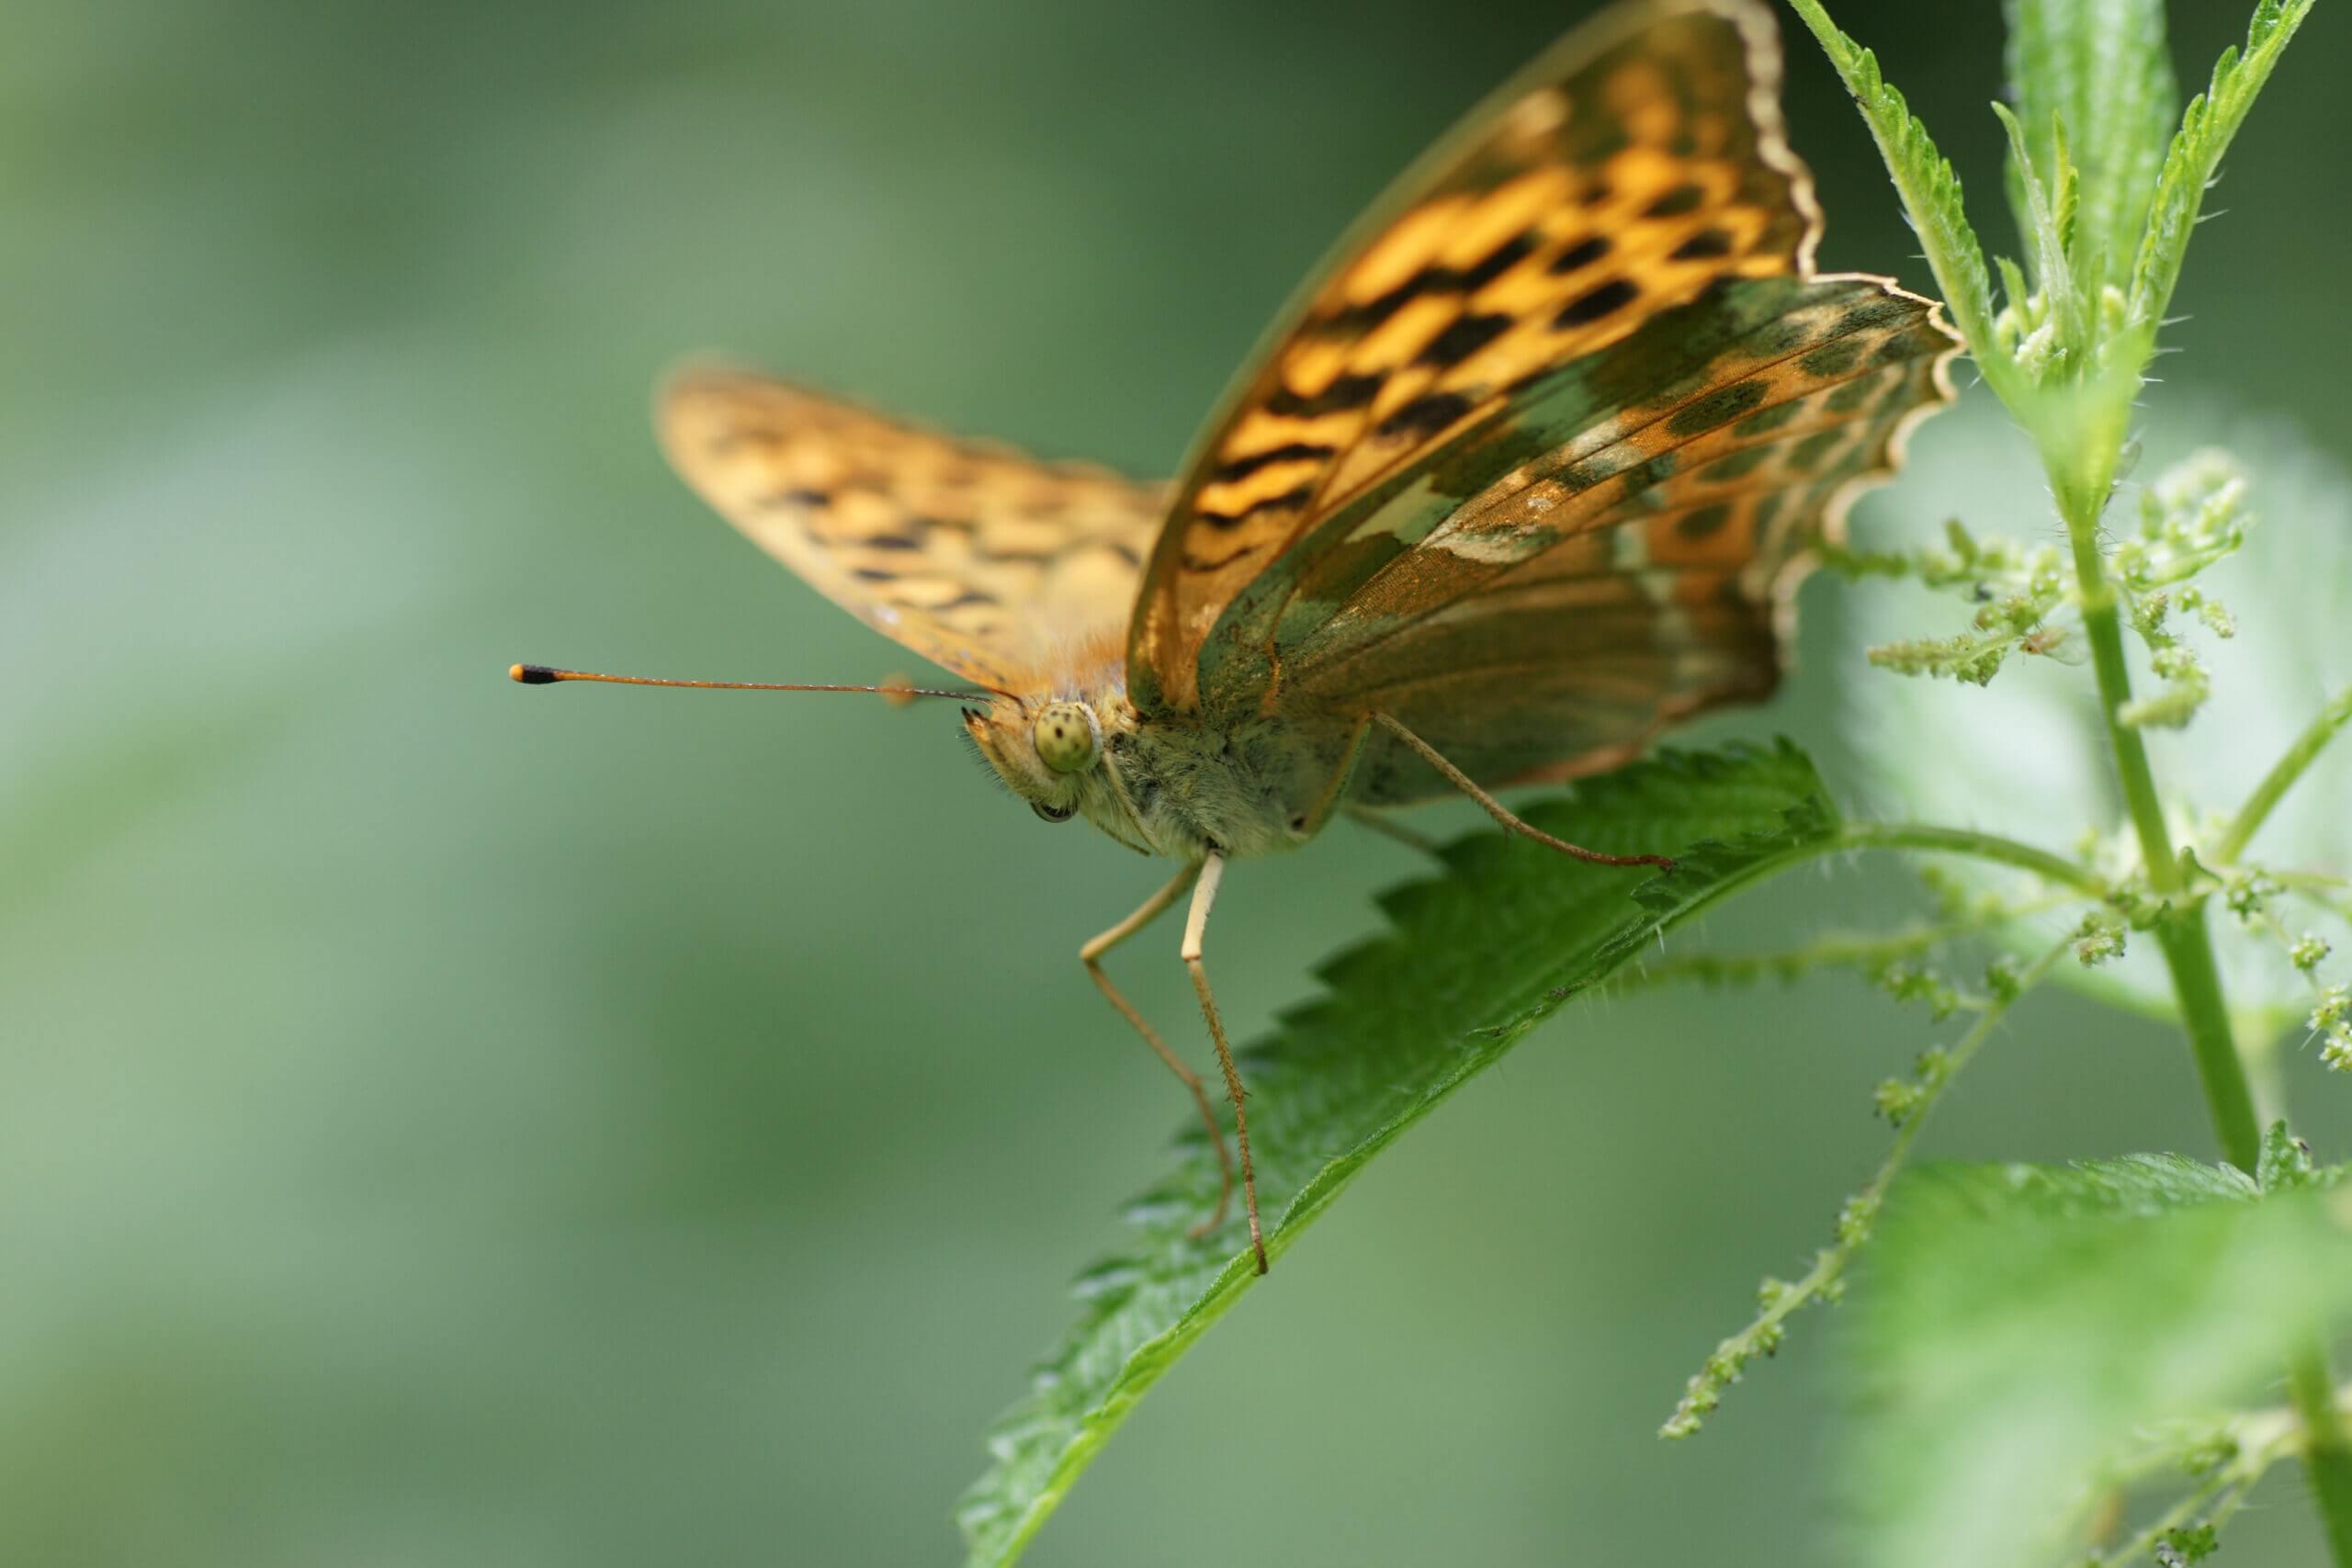 Auf Nordkirchener Gebiet macht die Schmetterlingsexkursion mit Ulrich Dierkschnieder am 11. Juli den Anfang. Foto: Birgit Stephan